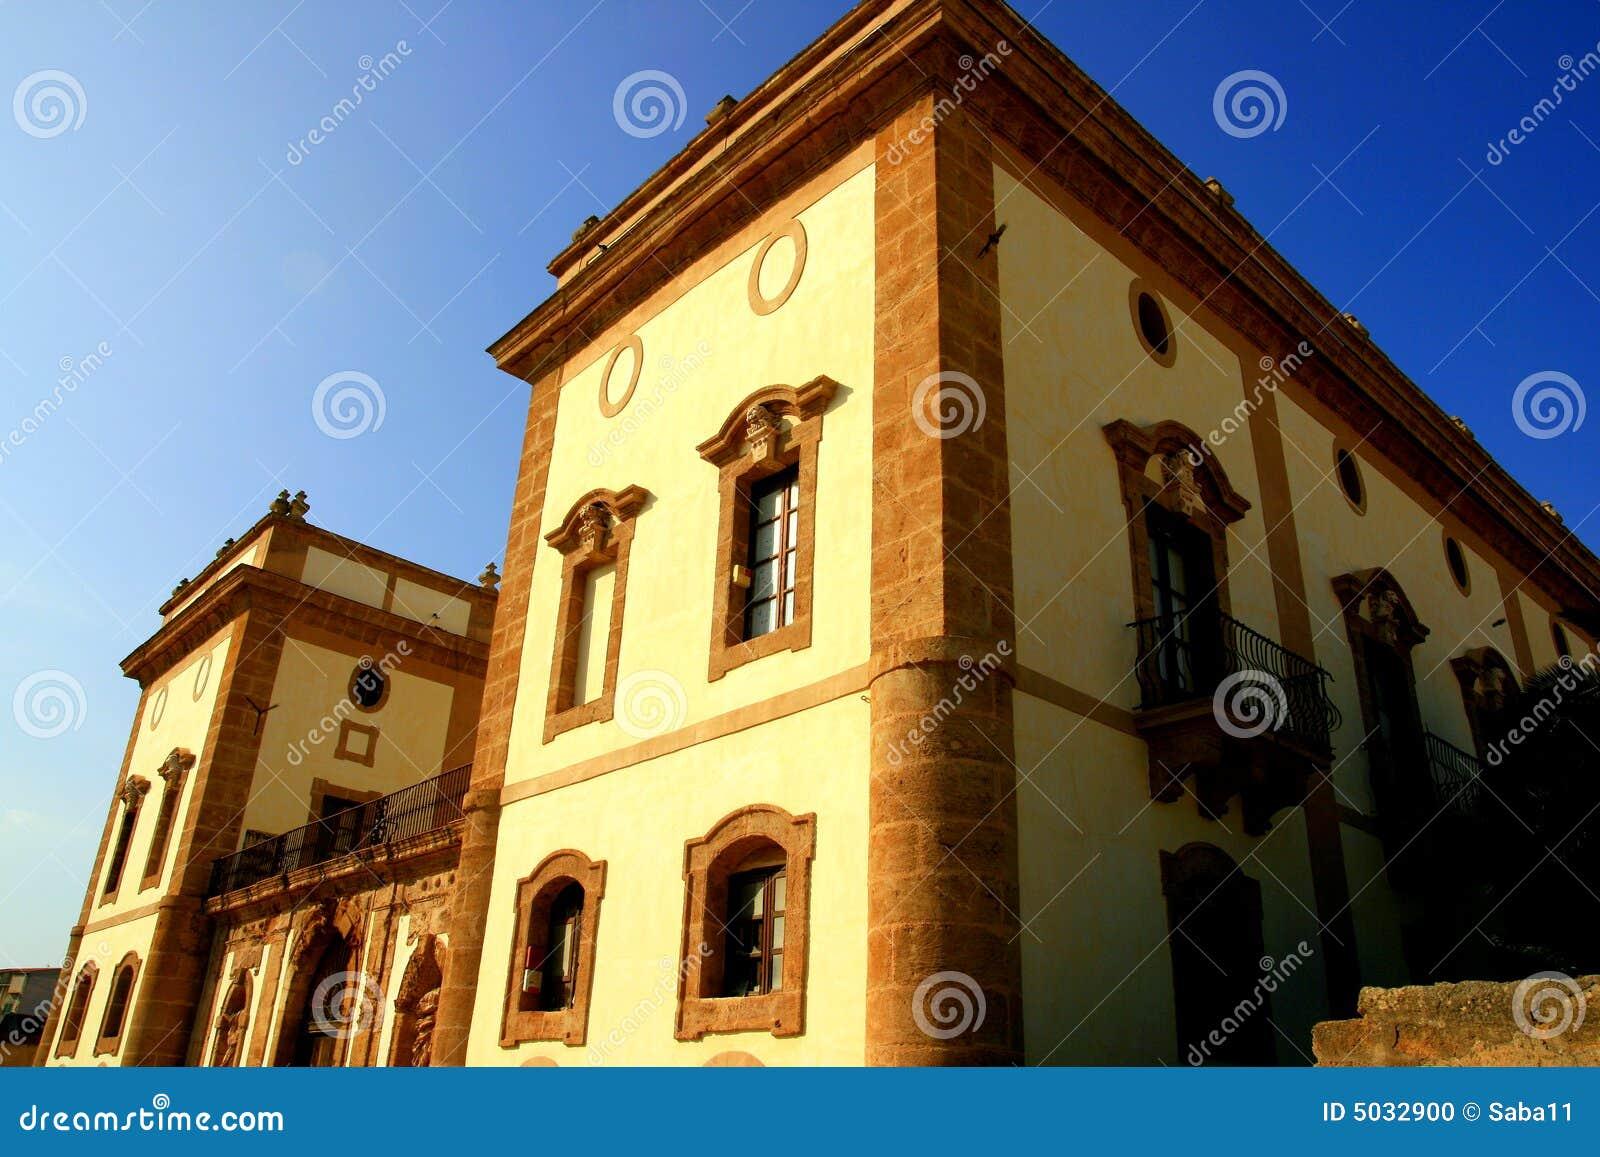 Ancient villa facade italy stock photo image 5032900 for Les meilleurs facades des villas